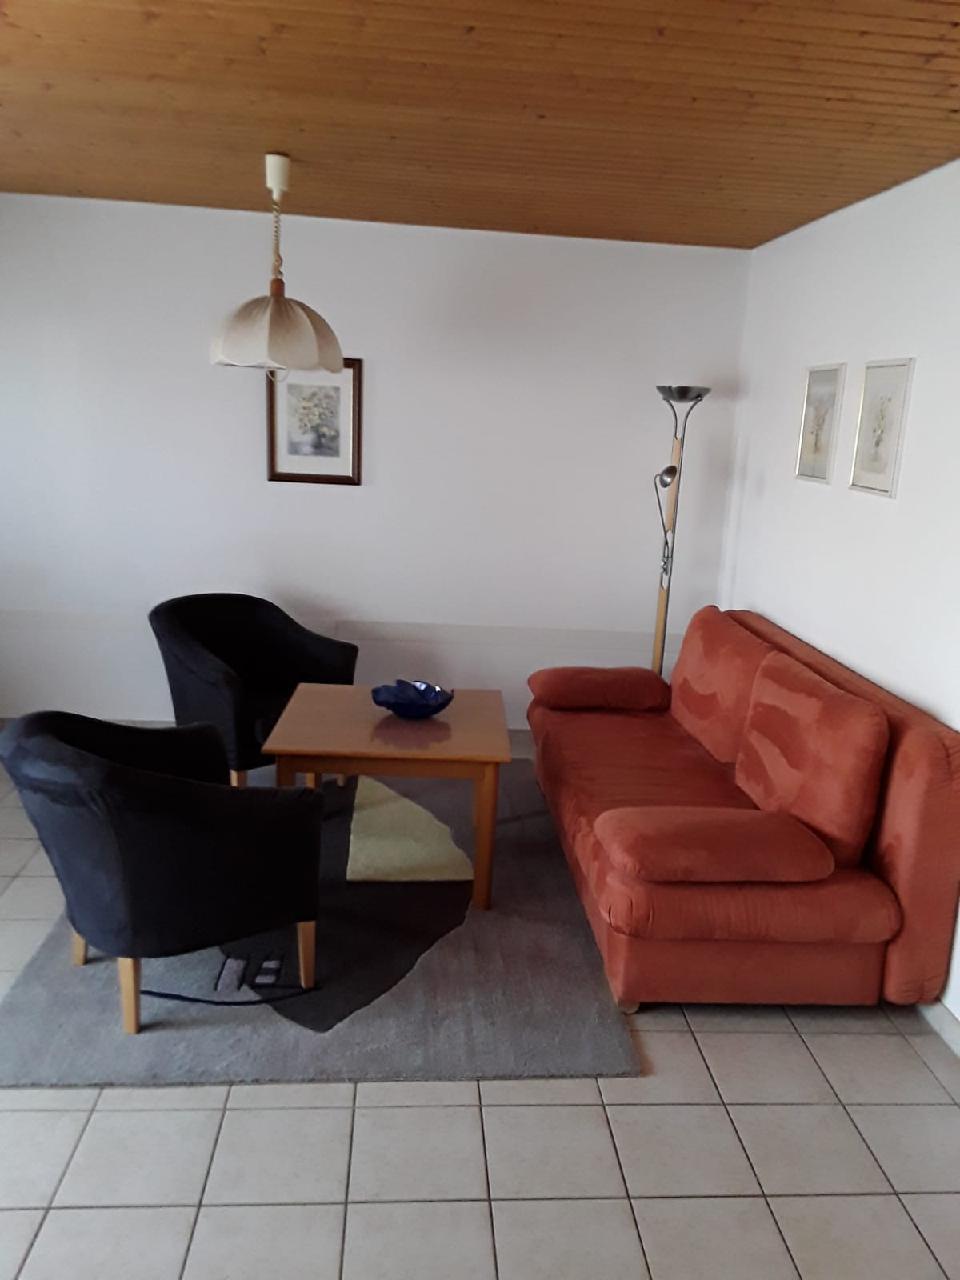 Ferienhaus / Bungalow Nr. 31  für 2-4 Personen in der Rhön Residence Bungalows (735561), Dipperz, Rhön (Hessen), Hessen, Deutschland, Bild 3